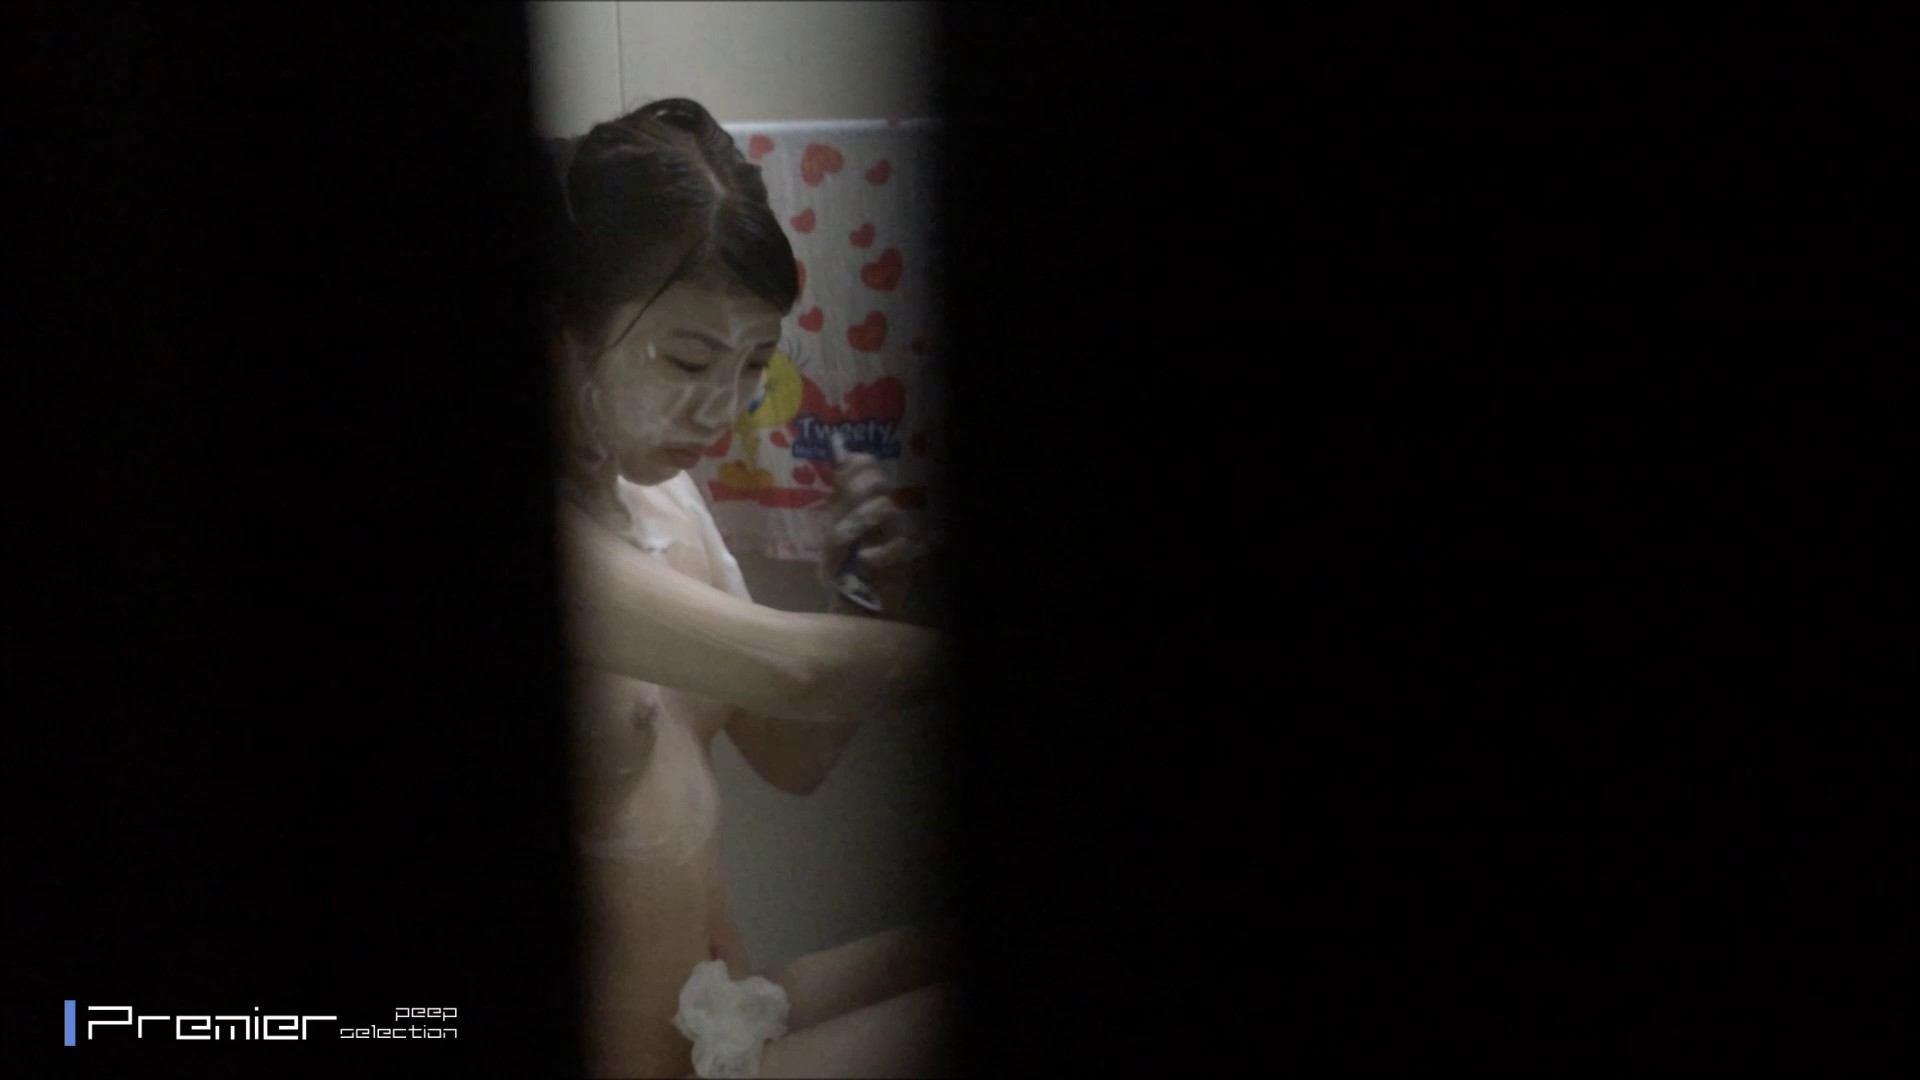 笑顔のスポーツ美女 乙女の風呂場 Vol.23 桃色乳首 オメコ動画キャプチャ 83画像 75